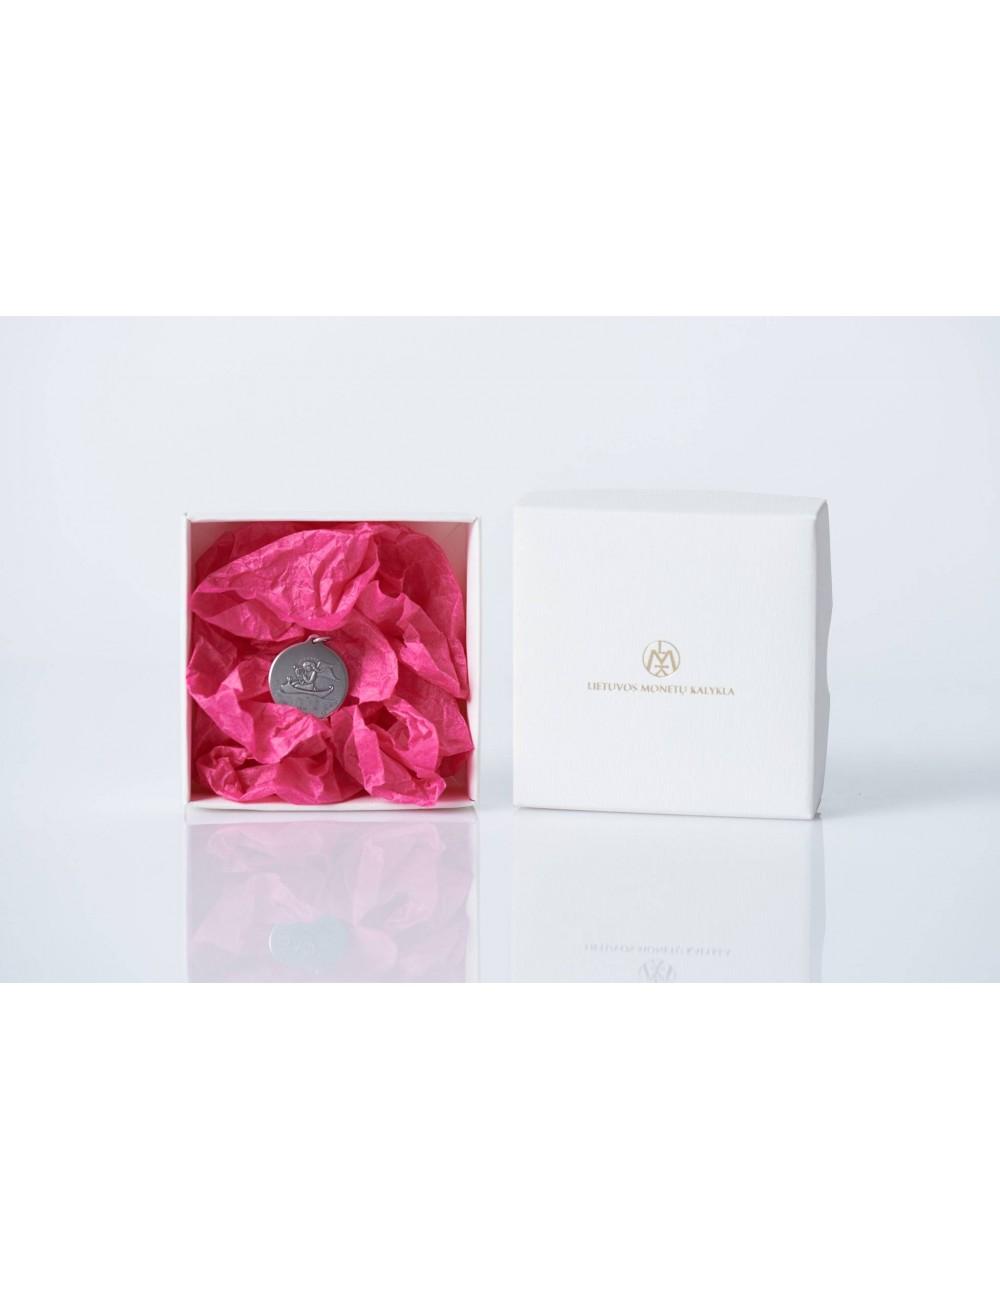 Medalis (medalionas) angelas (baltoje dėžutėje, rožiniu popieriumi)